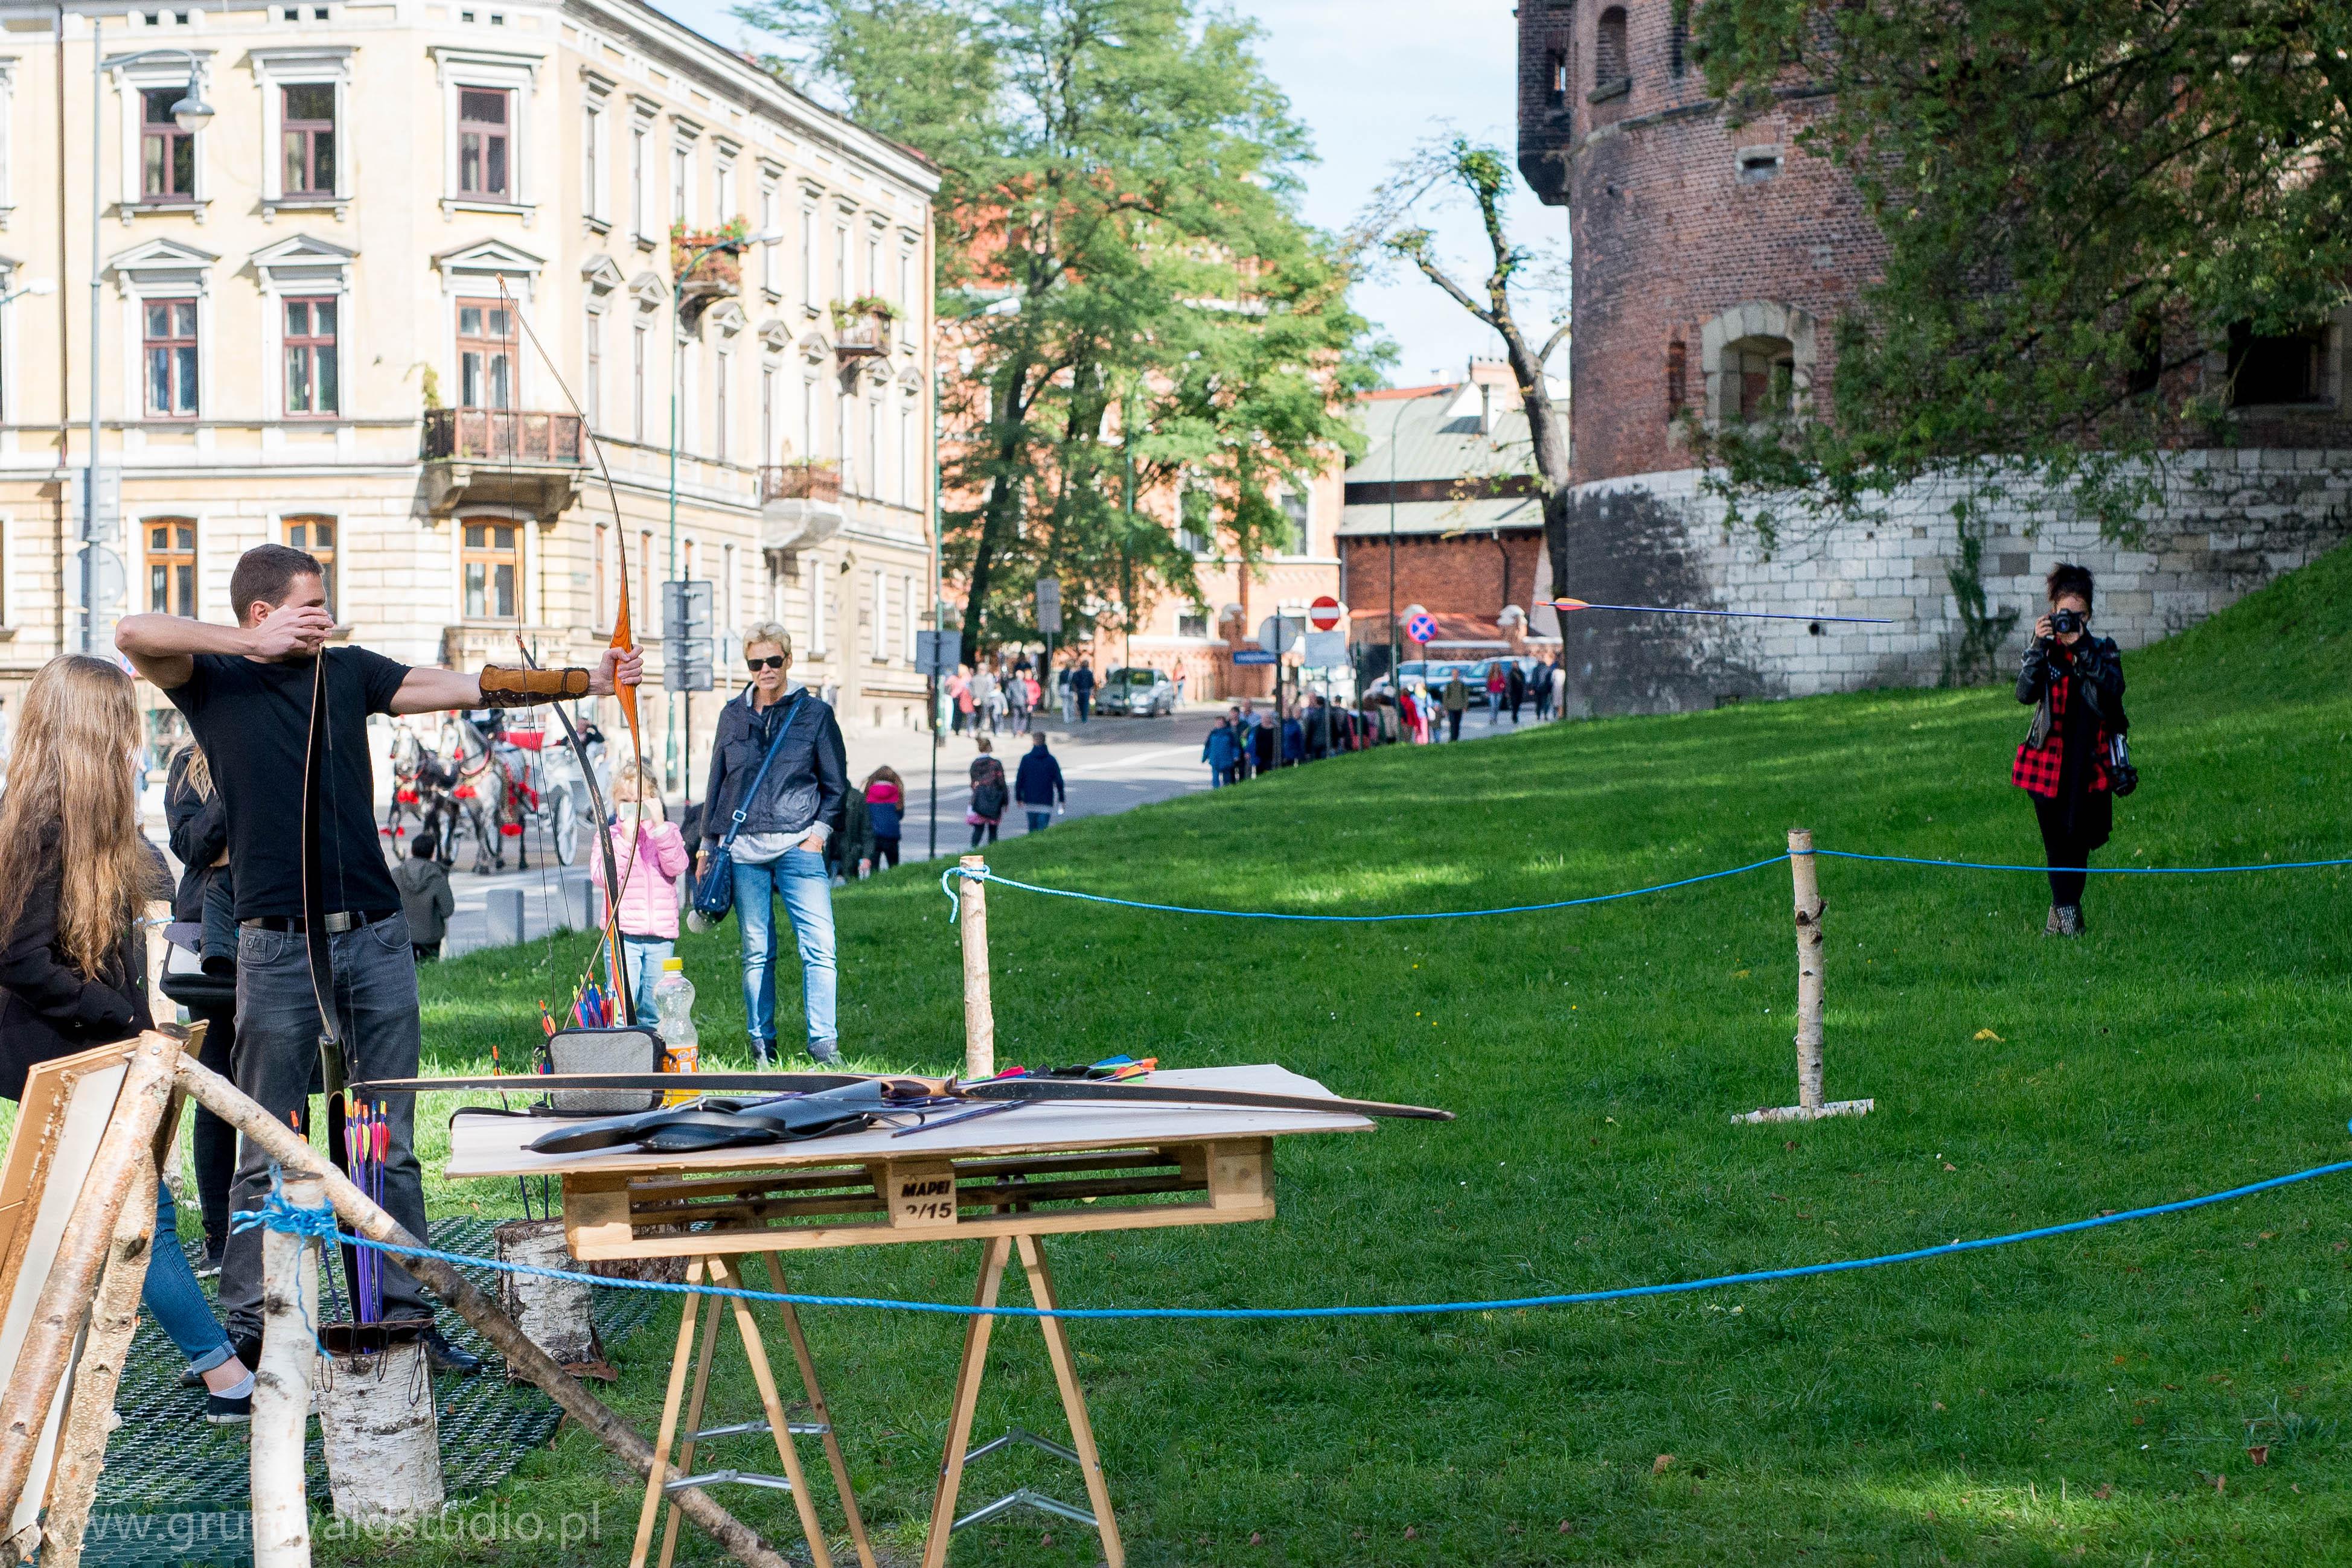 Grunwald Studio kurs fotografii Kraków pełny rozmiar 16